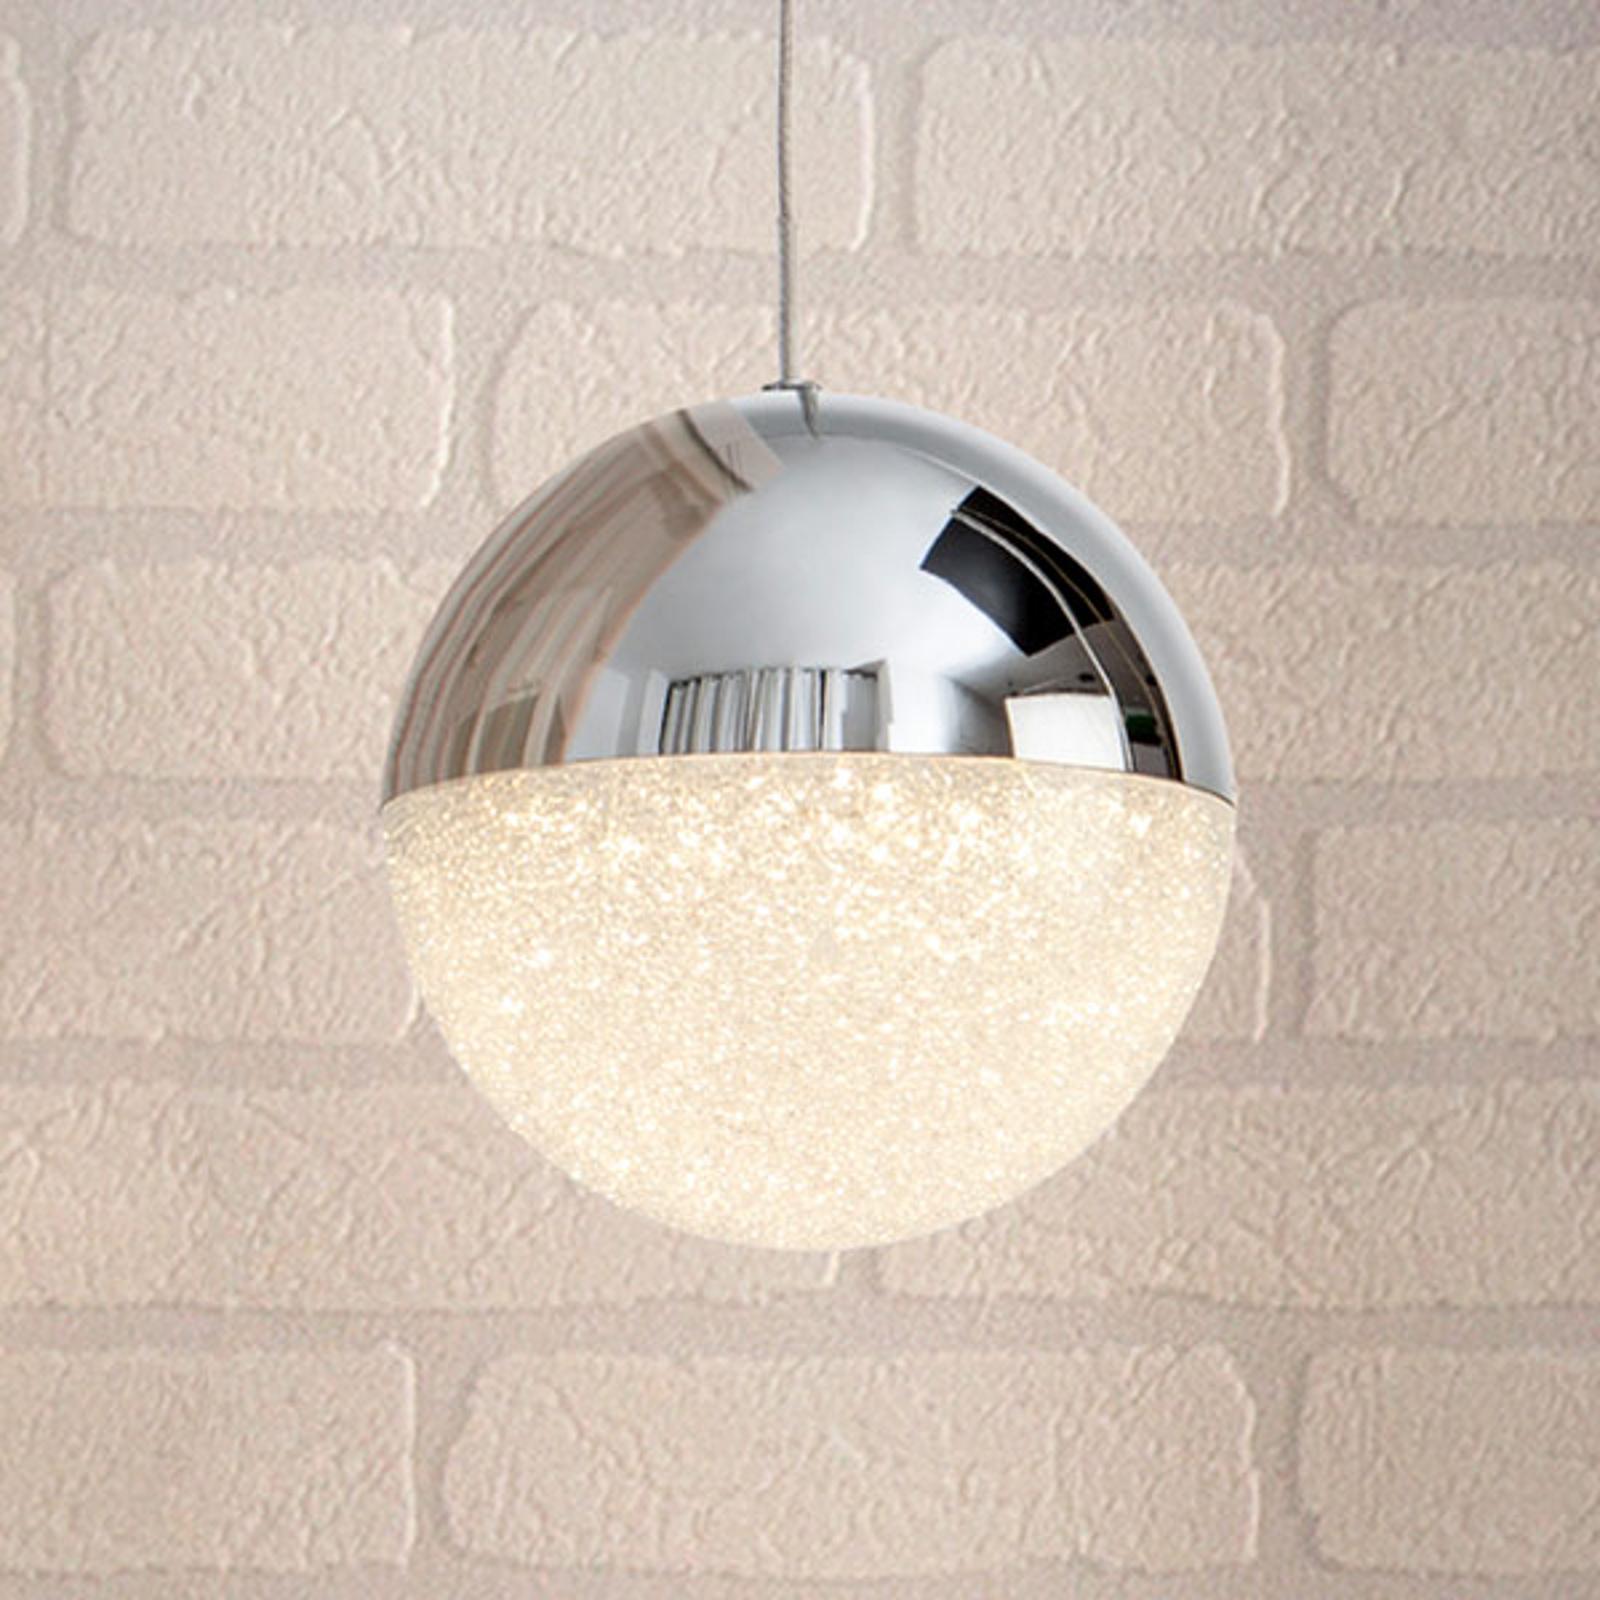 Lampa wisząca LED Sphere, chrom, 1-pkt., Ø 12 cm